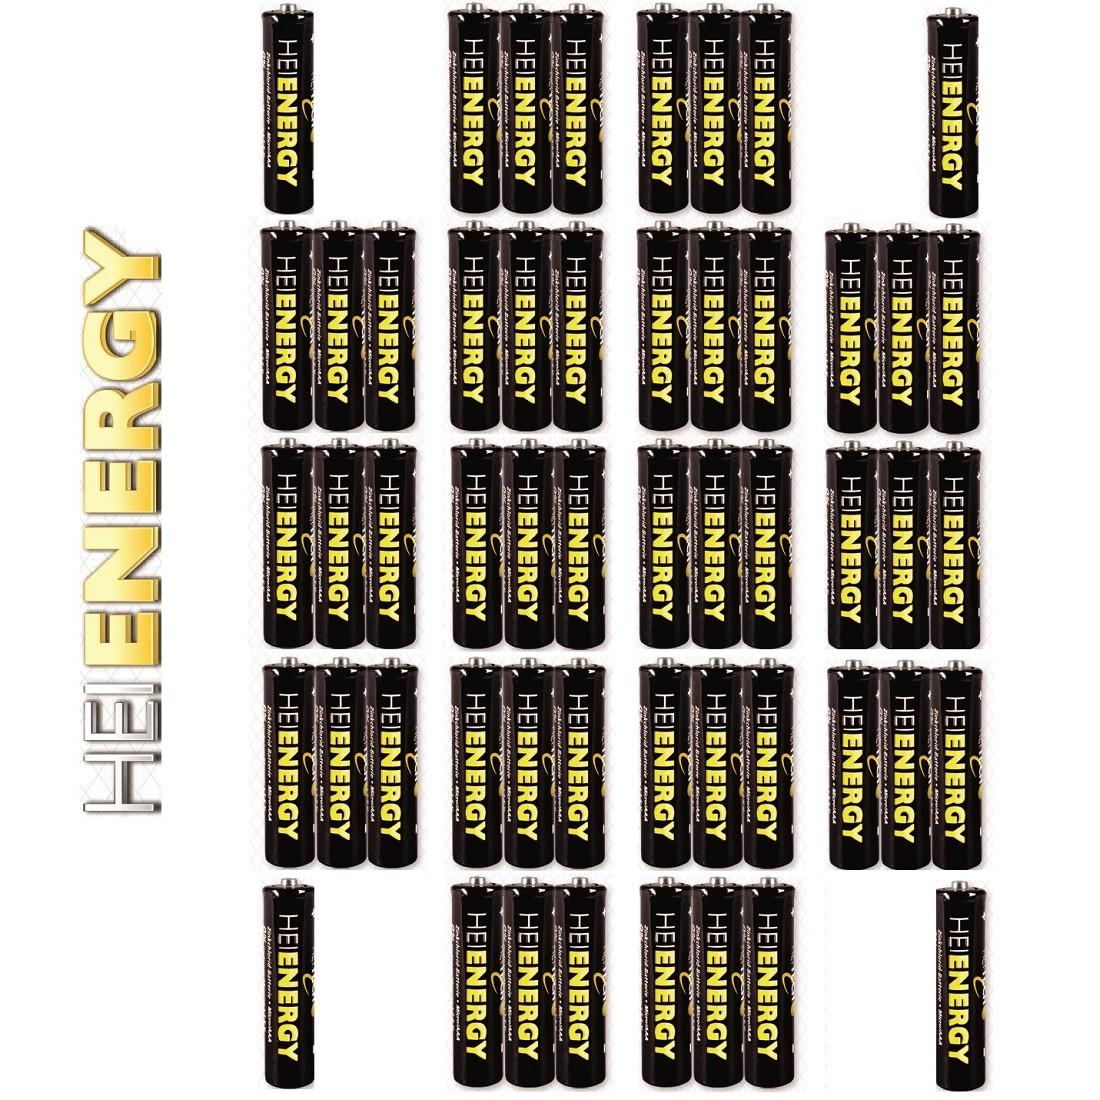 Heitech Zinkchlorid-Batterien Typ Micro AAA 4x 13er-Pack